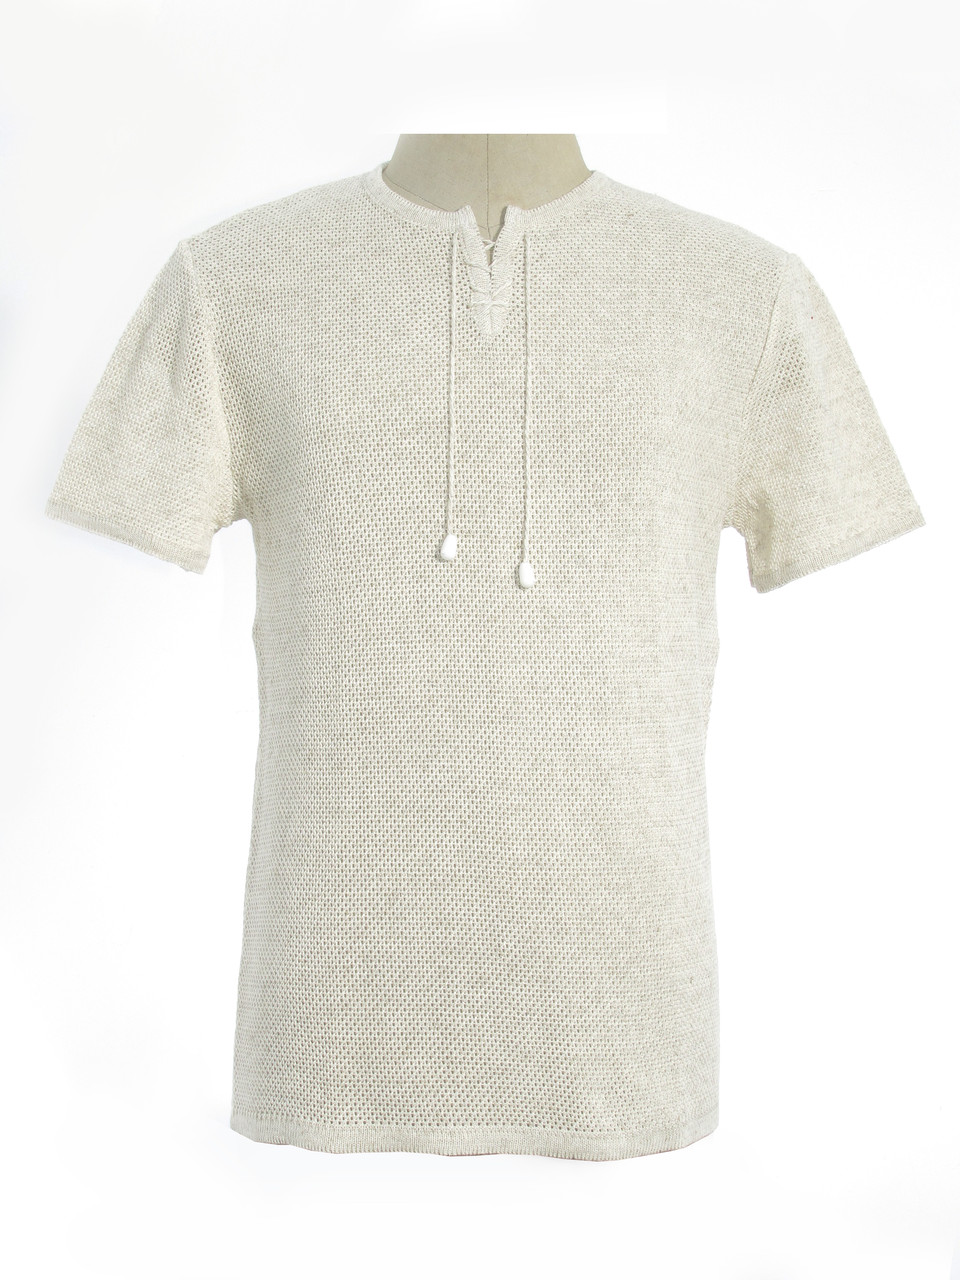 Мужская вязаная футболка 20307